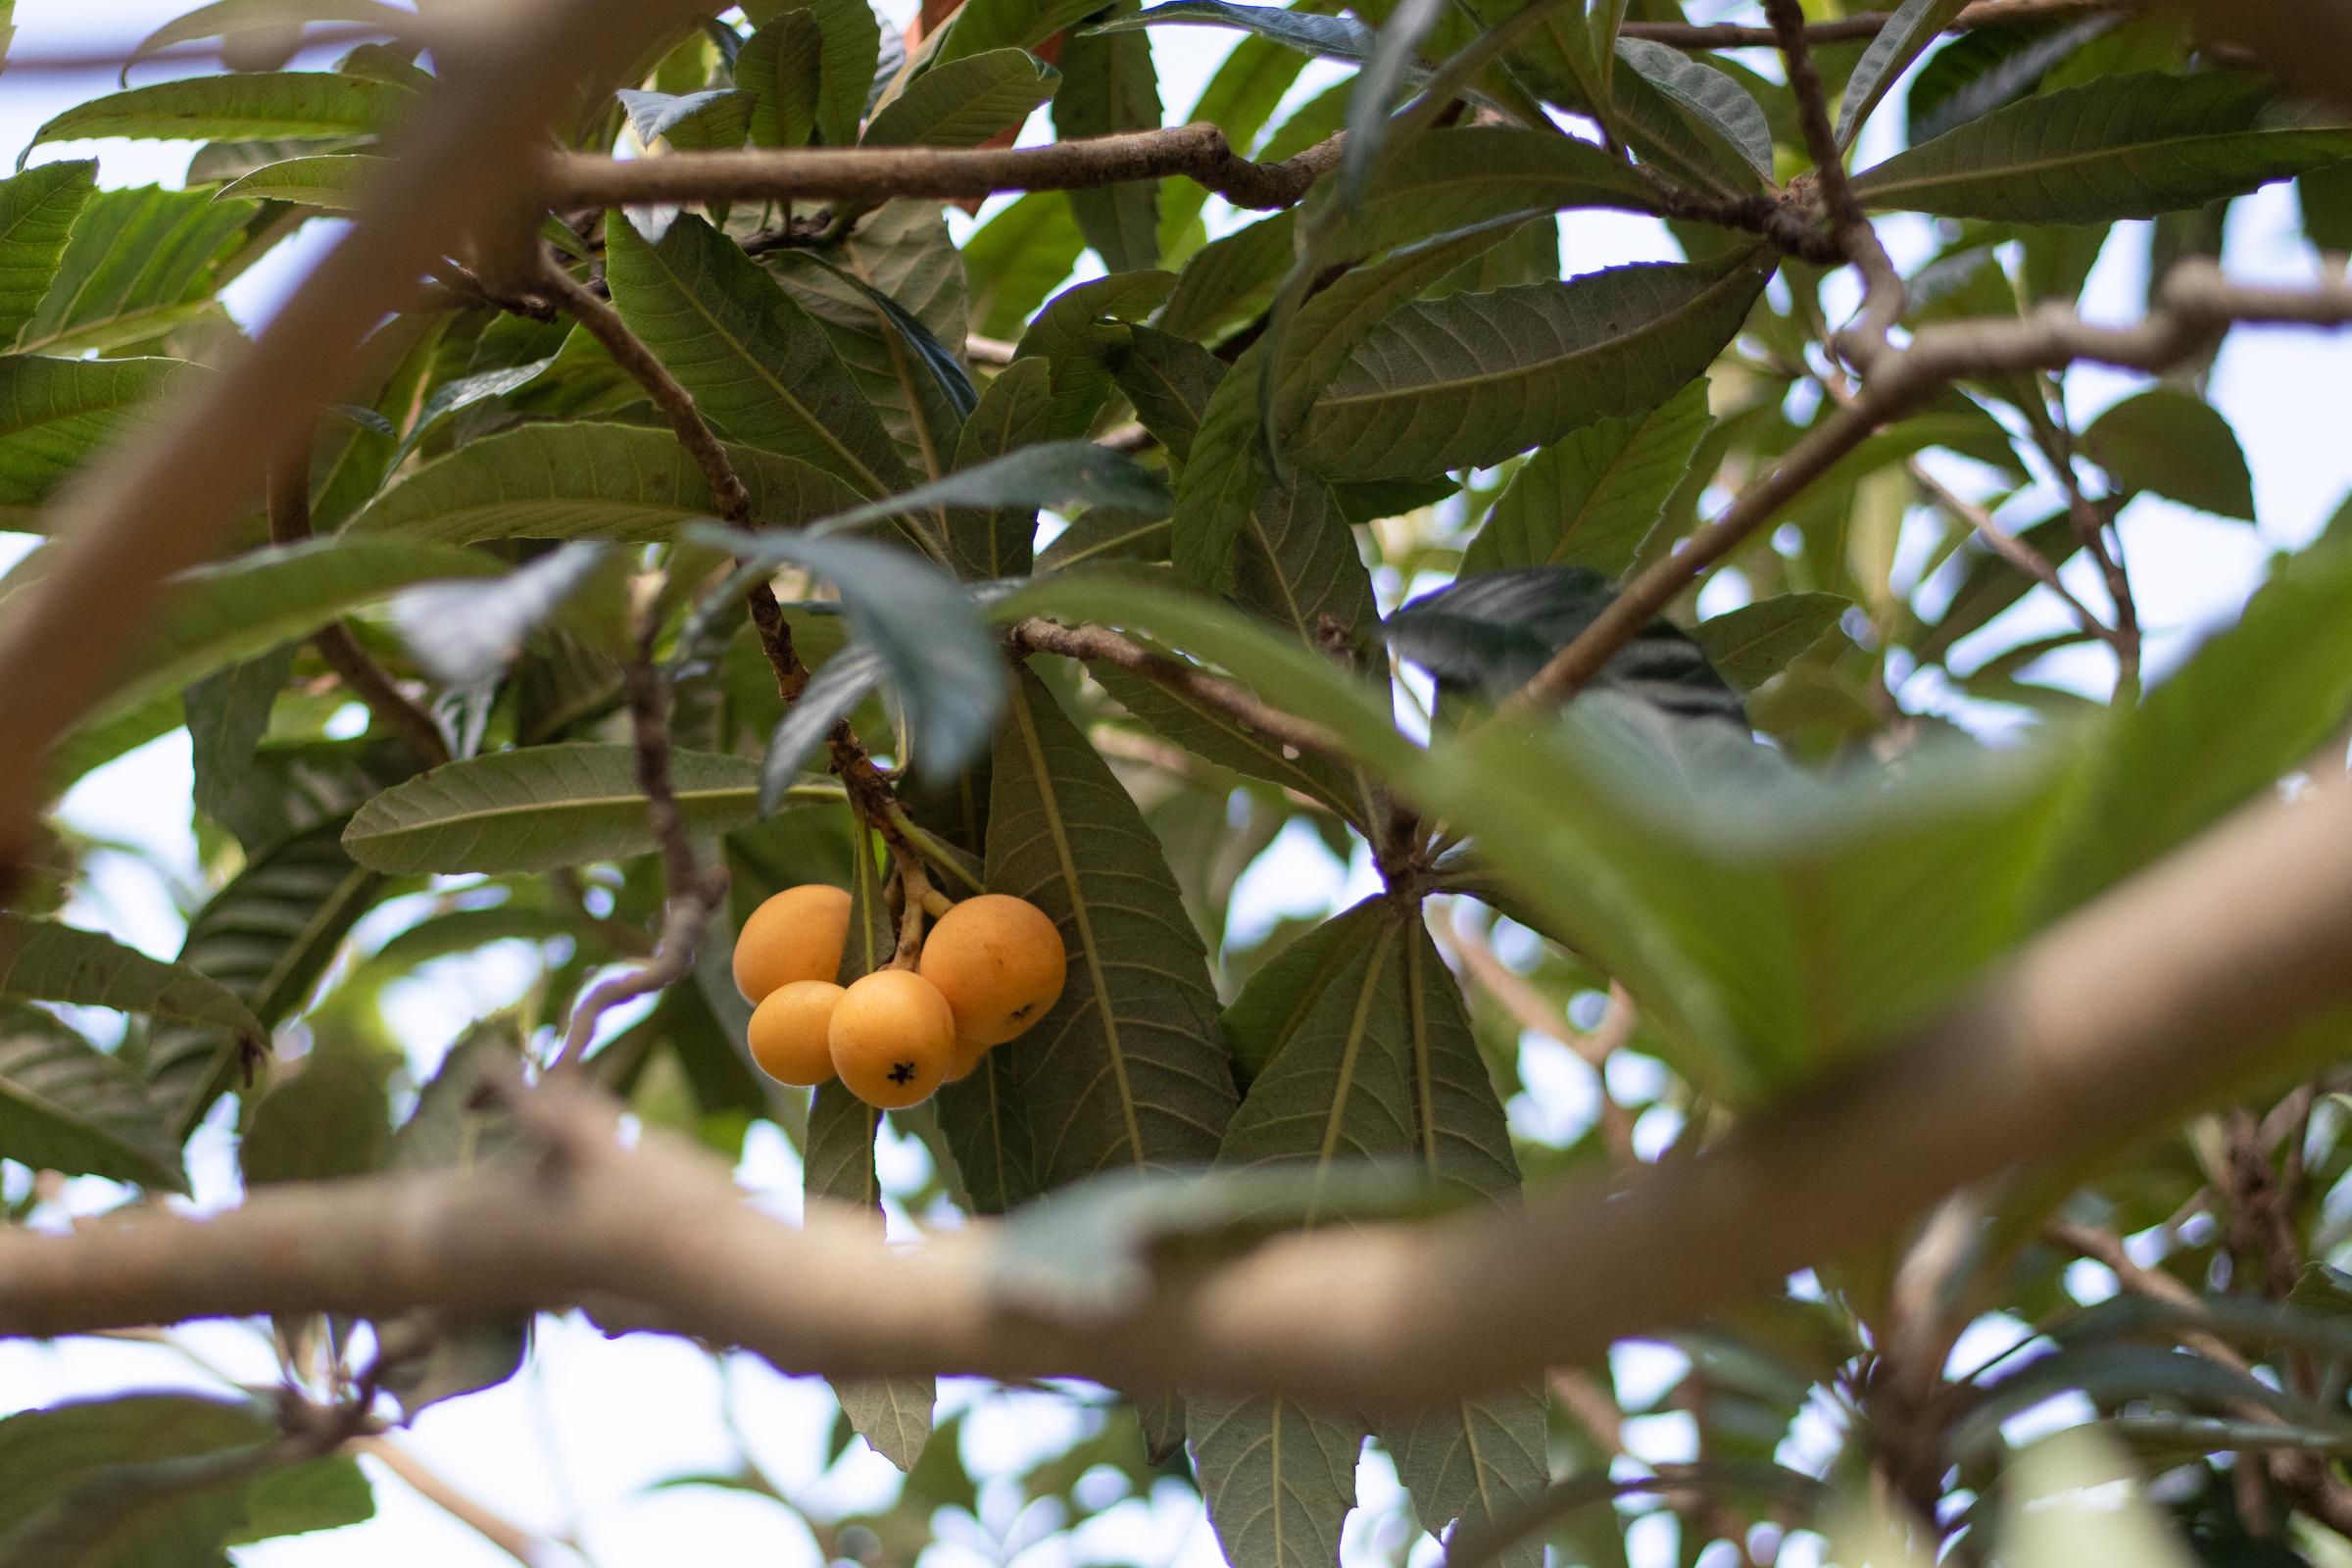 일본에서 처음 본 과일 '비와'. 치바는 일본 제2의 비와 생산지이다.